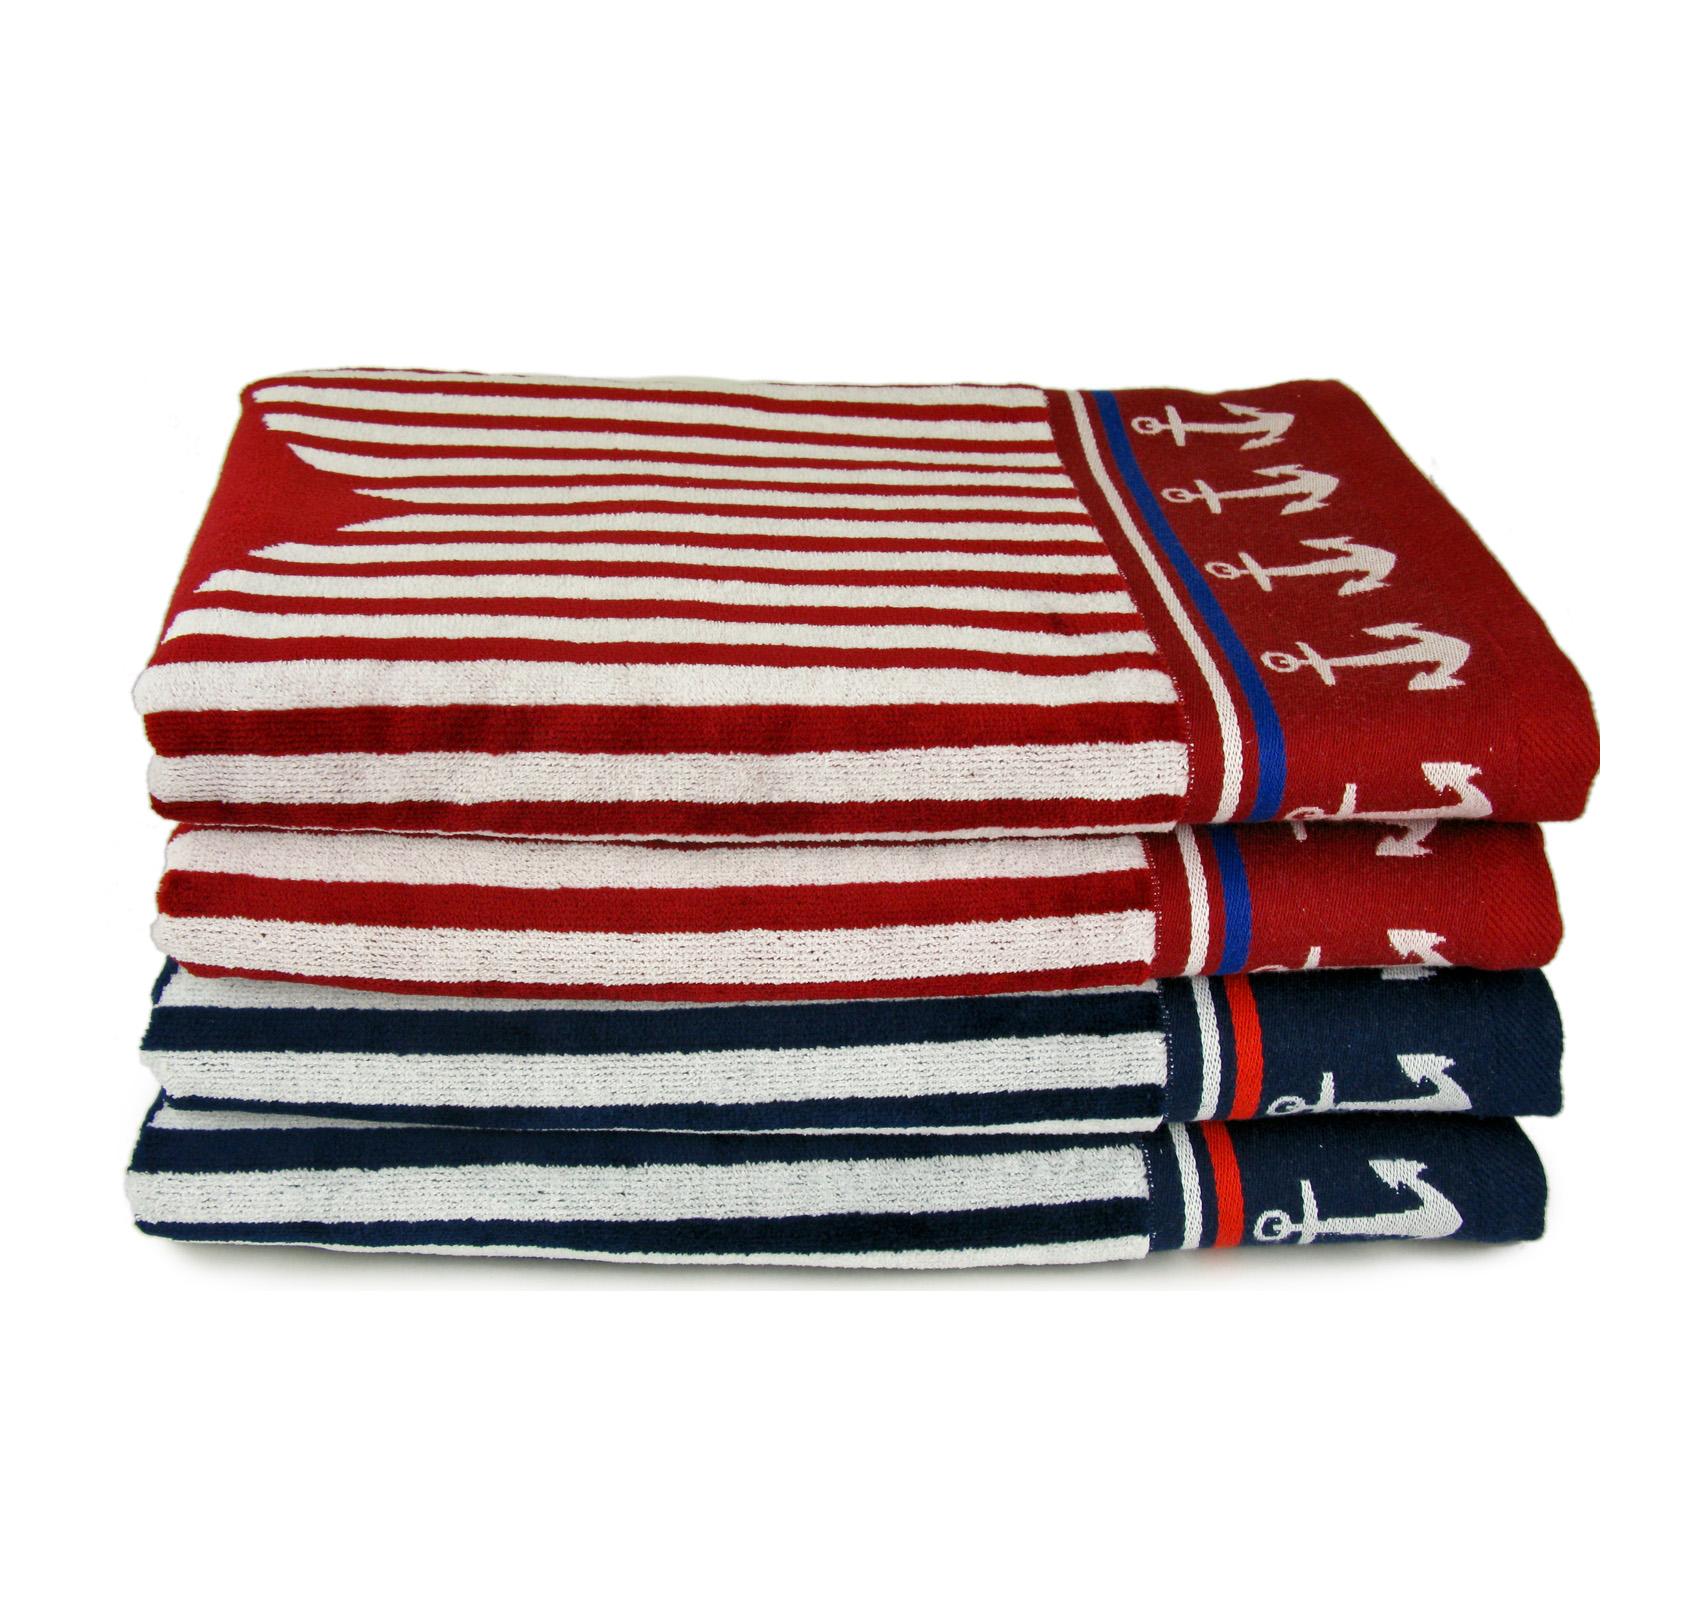 Полотенце Якоря, цвет Красный, размер 50х90 смМахровые полотенца<br>Плотность: 480 г/кв. м<br><br>Тип: Полотенце<br>Размер: 50х90<br>Материал: Махра